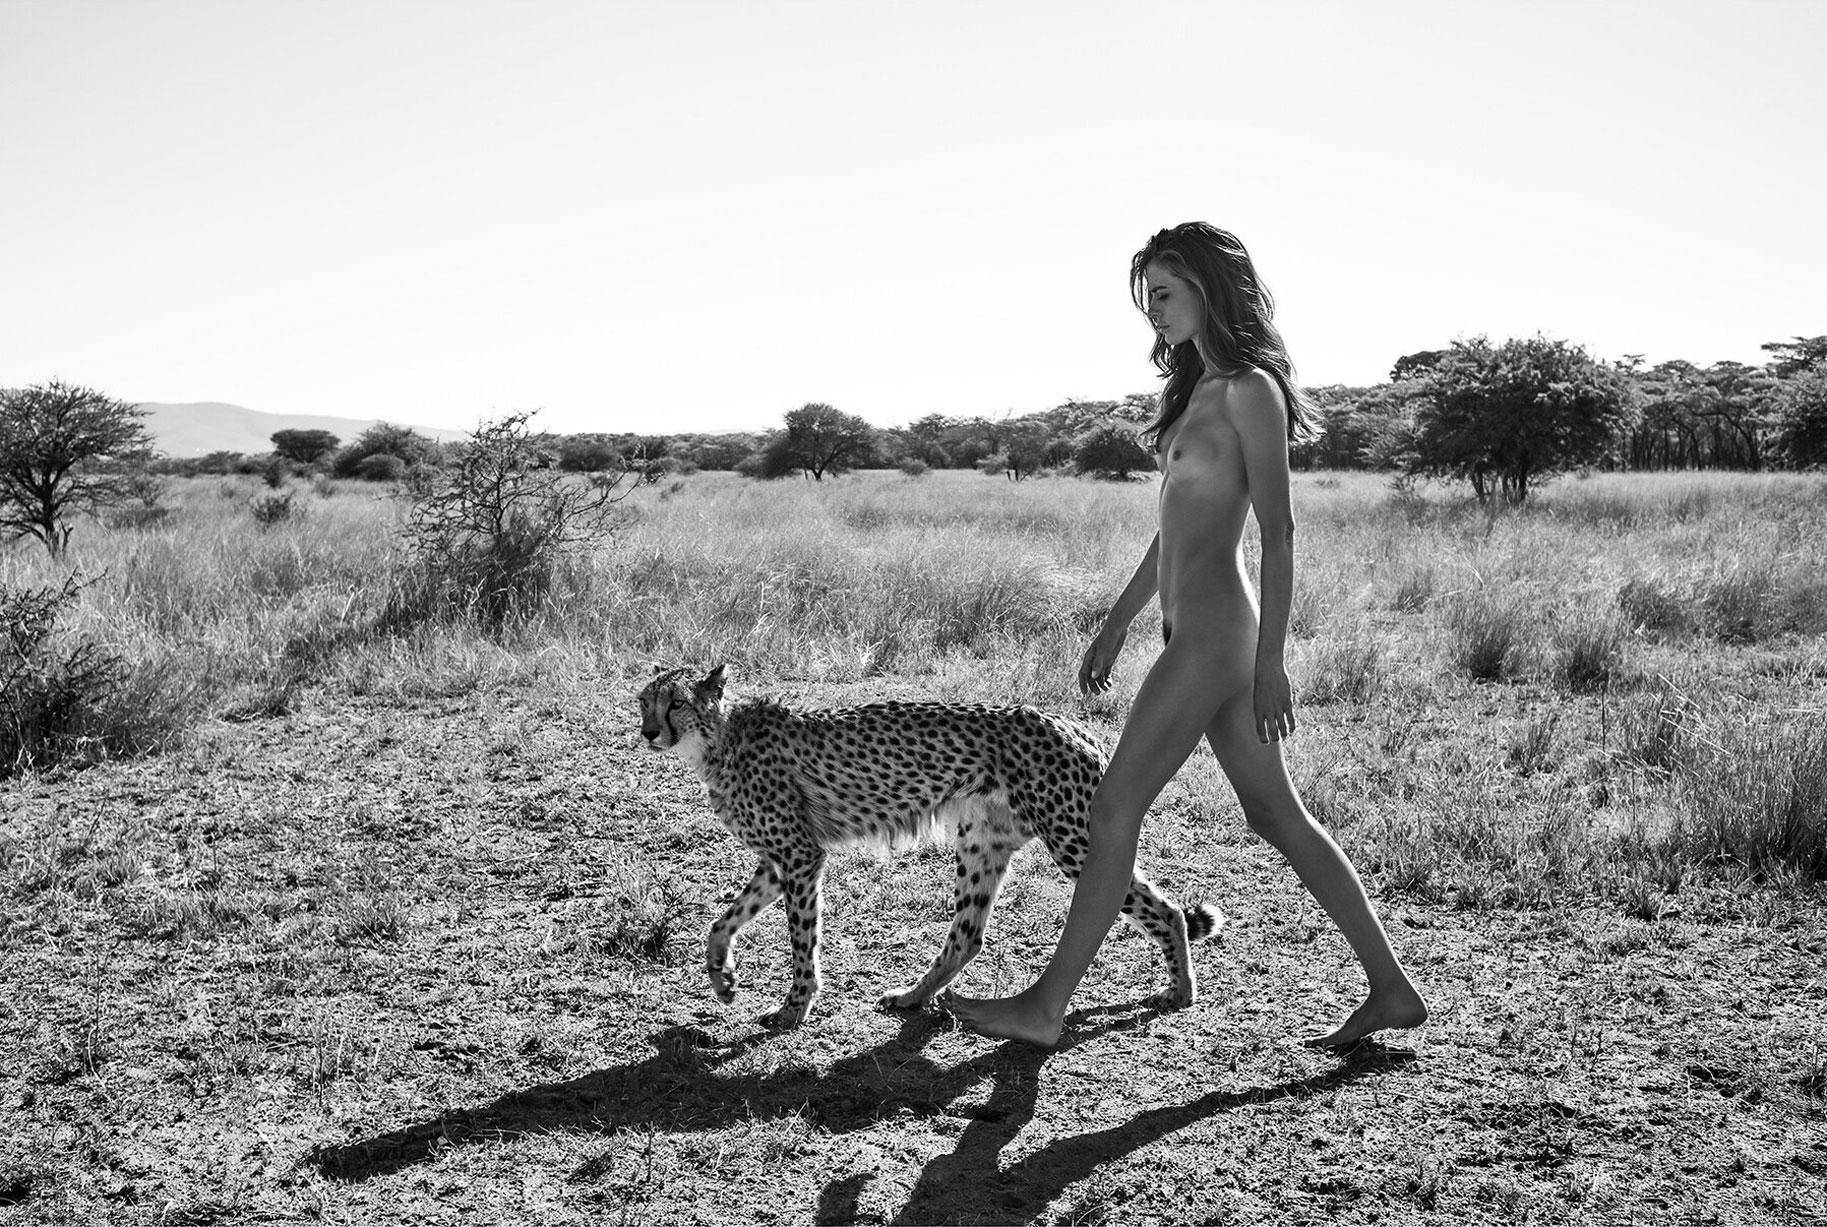 эротический календарь 12 чудес природы / Африка 2019 / фото 04